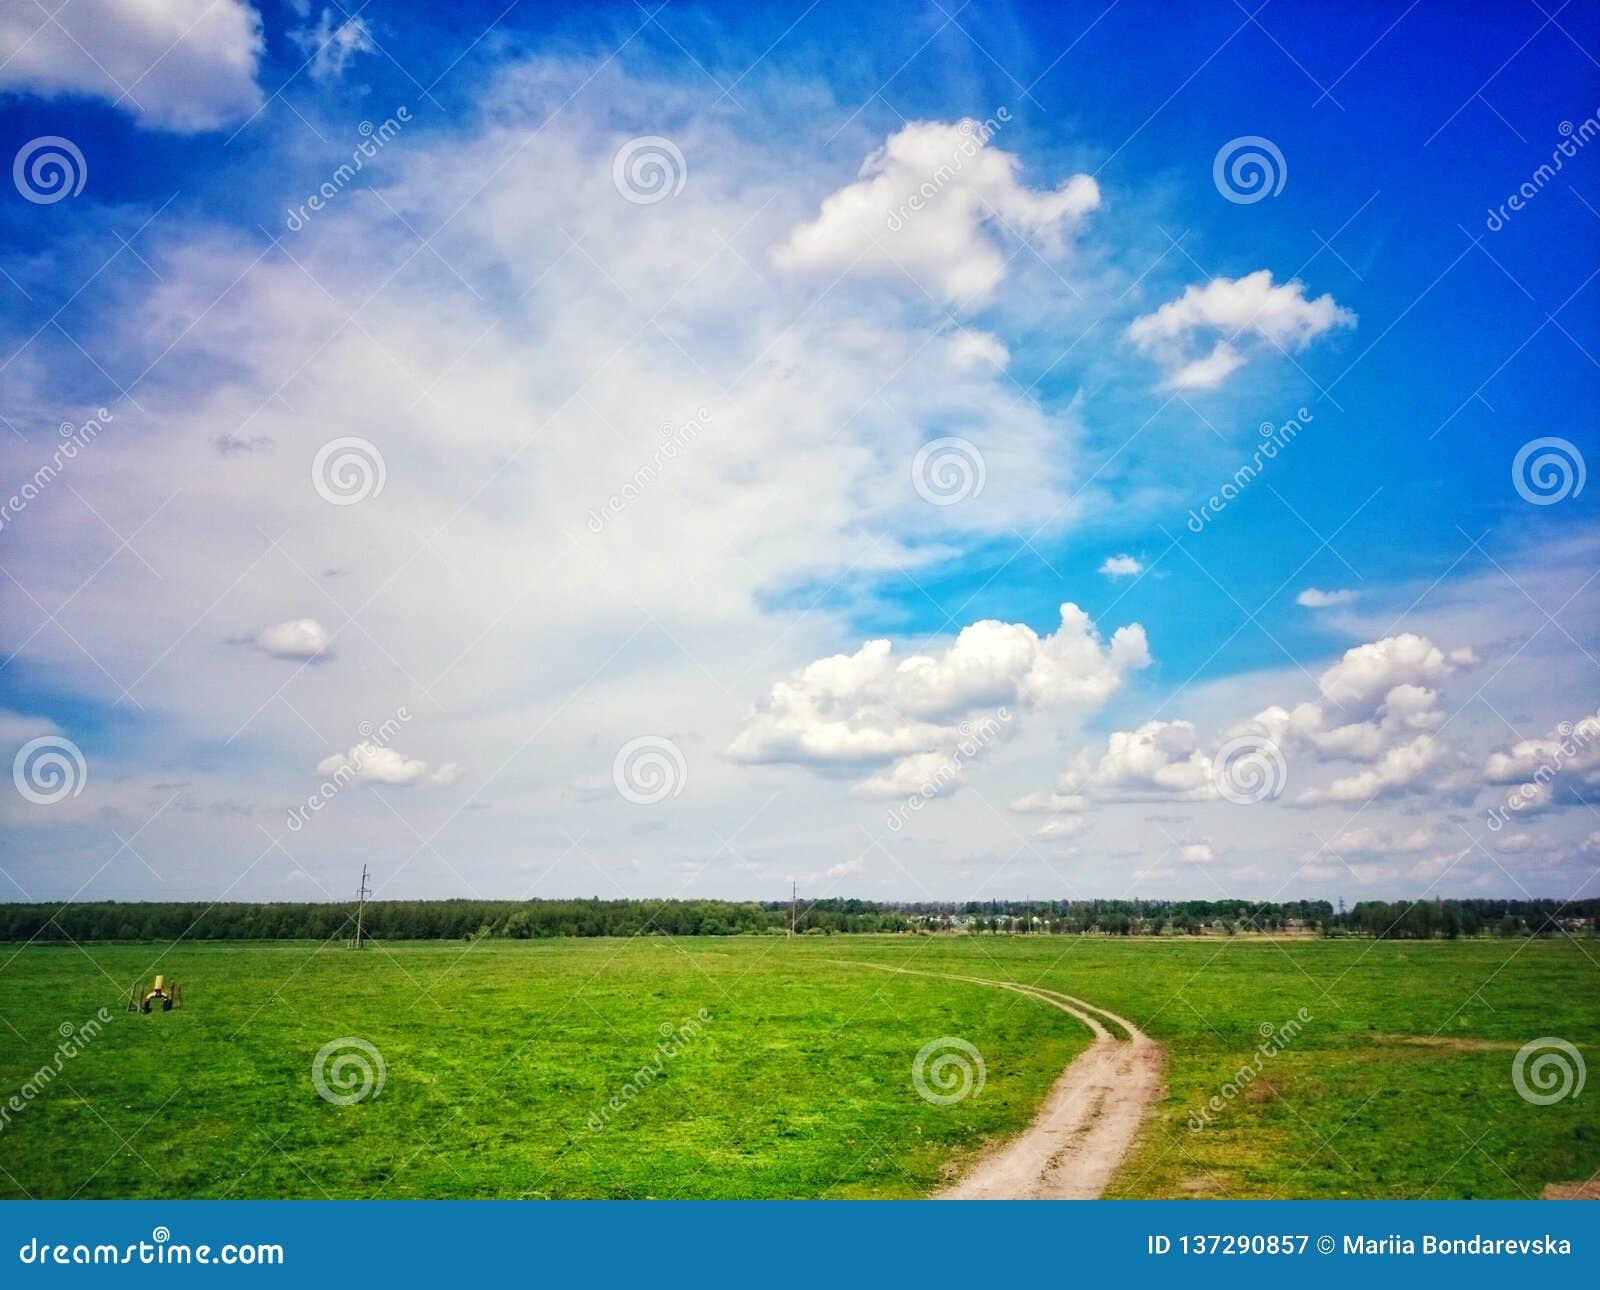 summer sky over green grass